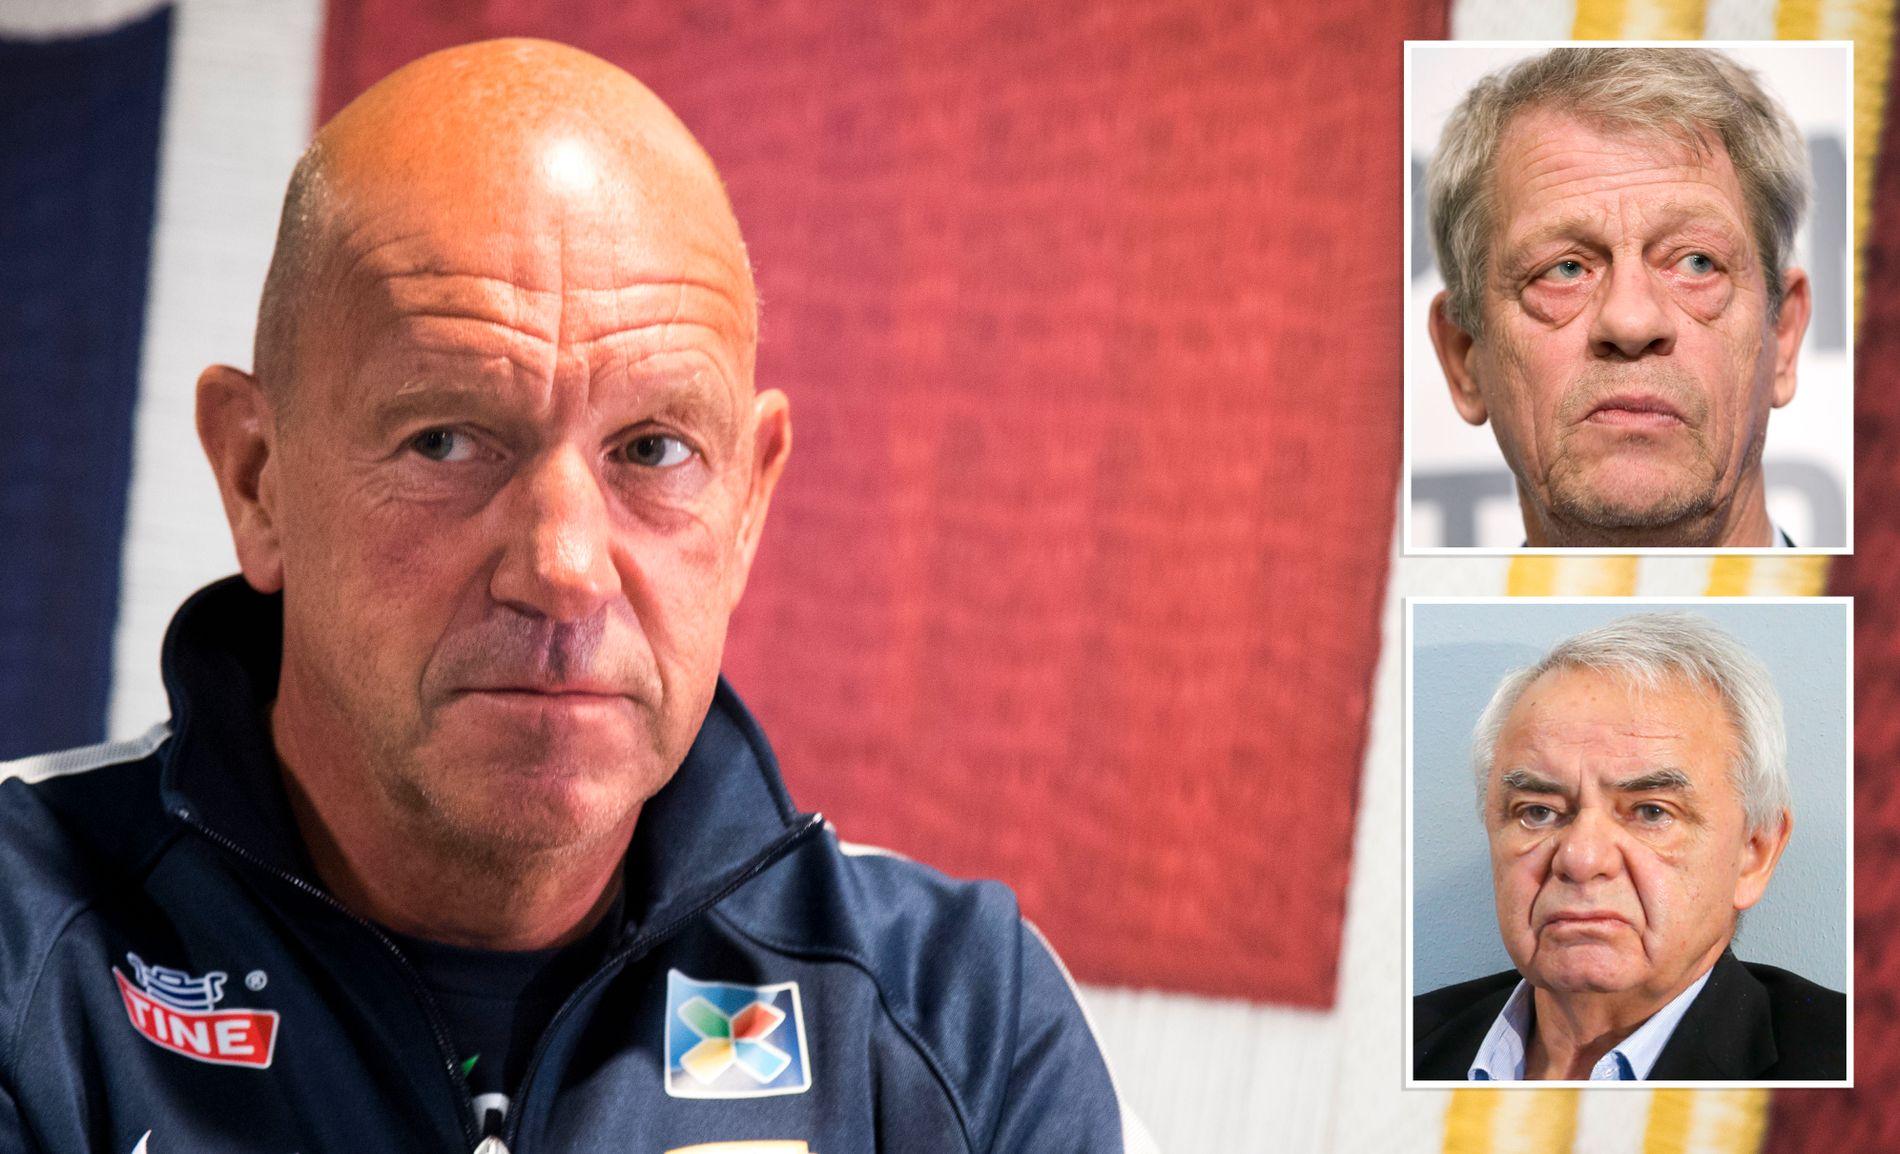 TAUSE OM SEMB: De tidligere NFF-presidentene Sondre Kåfjord og Per Ravn Omdal (innfelt) ønsker ikke å uttale seg om jobben til toppfotballsjef Nils Johan Semb.